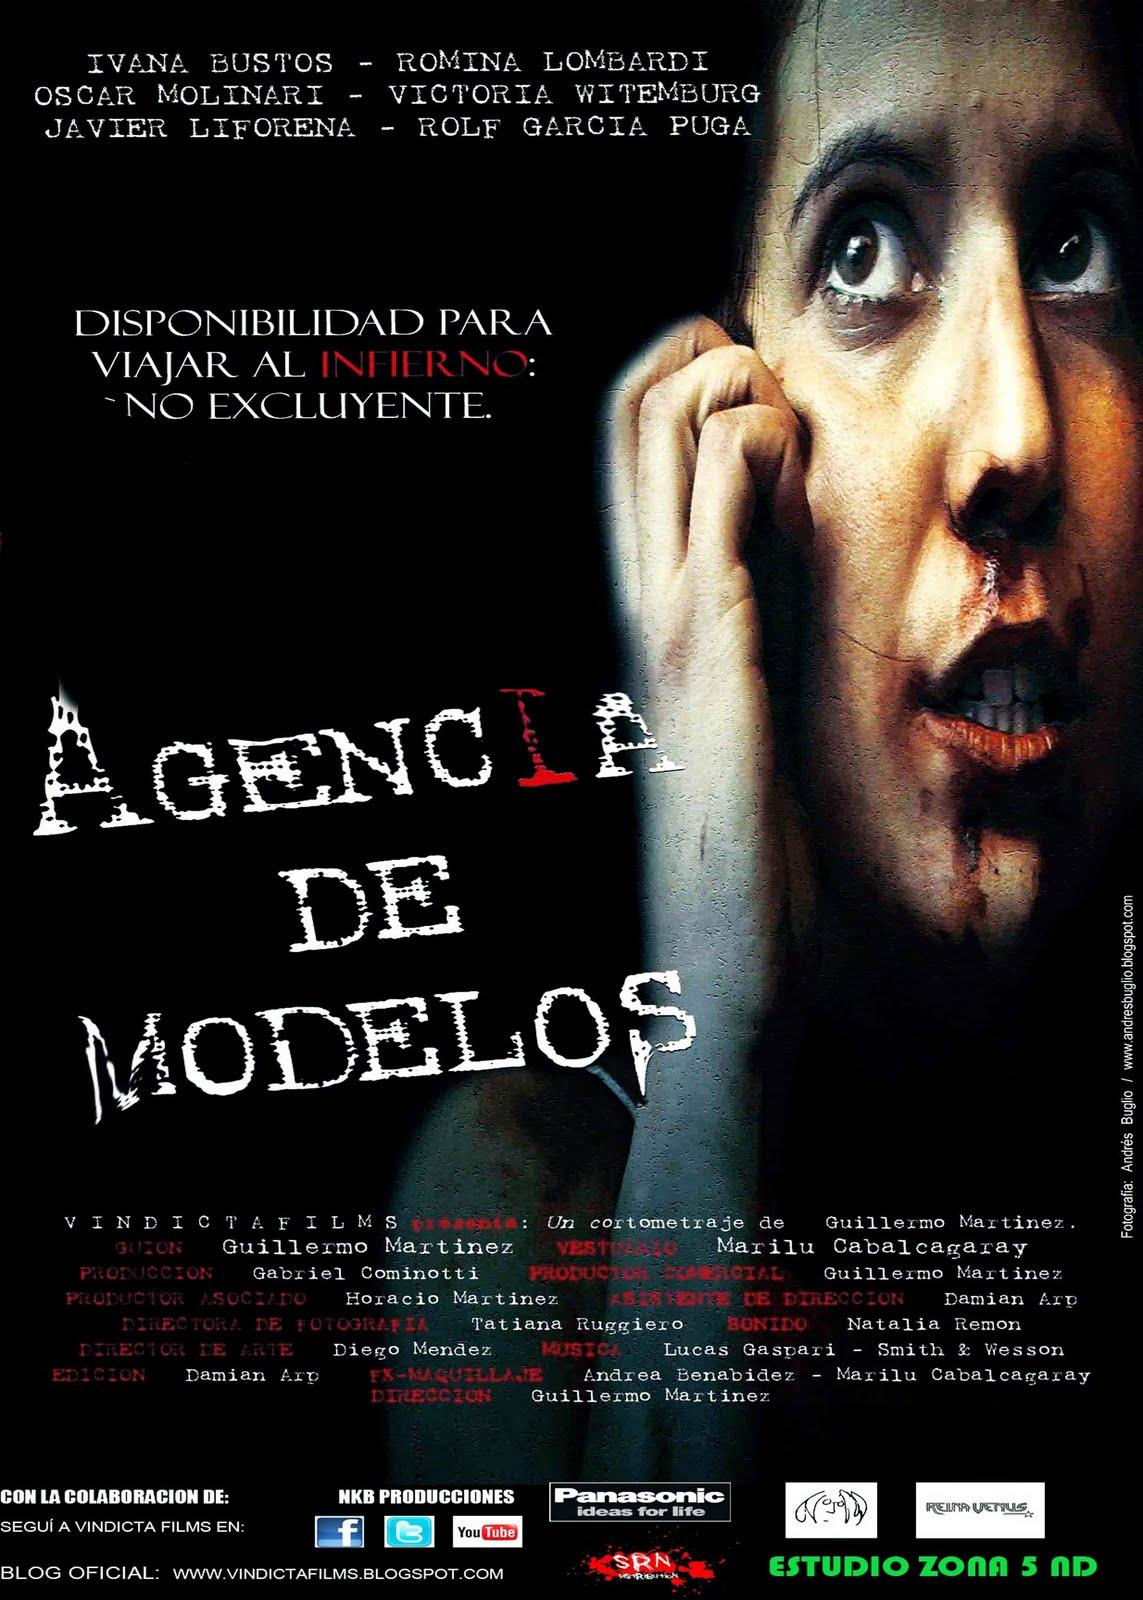 VINDICTA FILMS: 2011